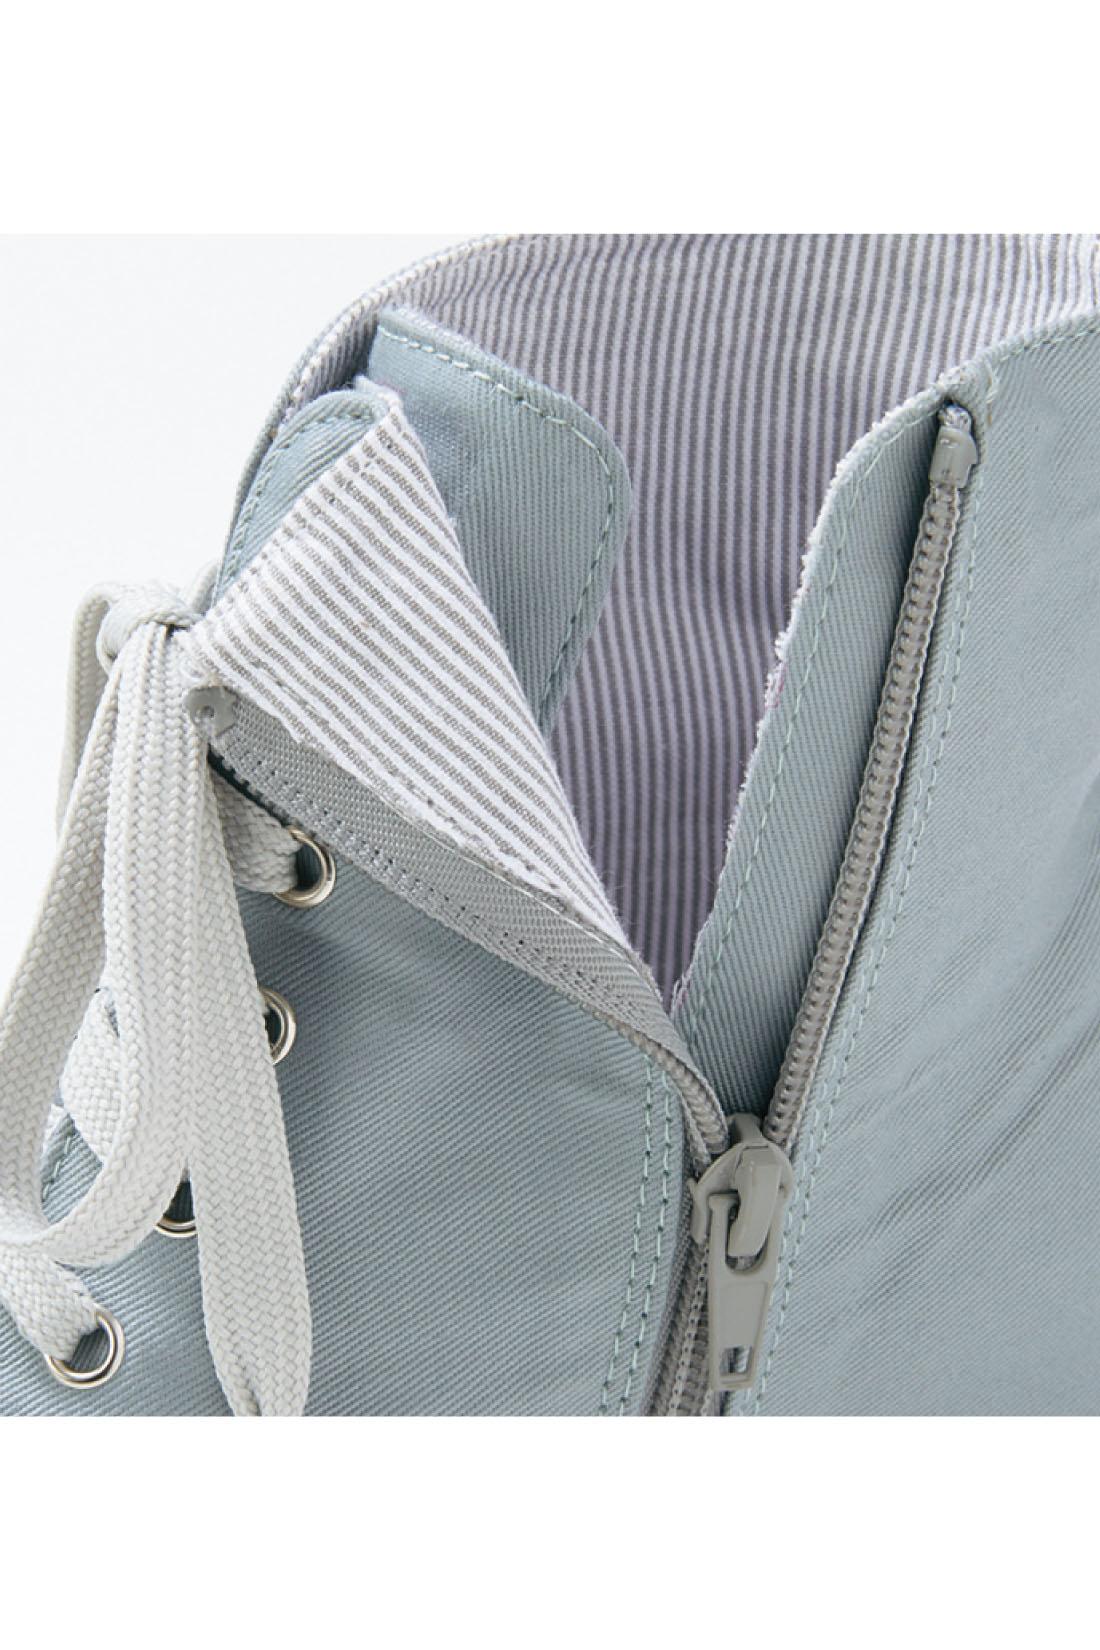 脱ぎ履き簡単なサイドファスナー仕様。ベロの片方を縫い付けているので、履くときのストレス軽減。 ※お届けするカラーとは異なります。